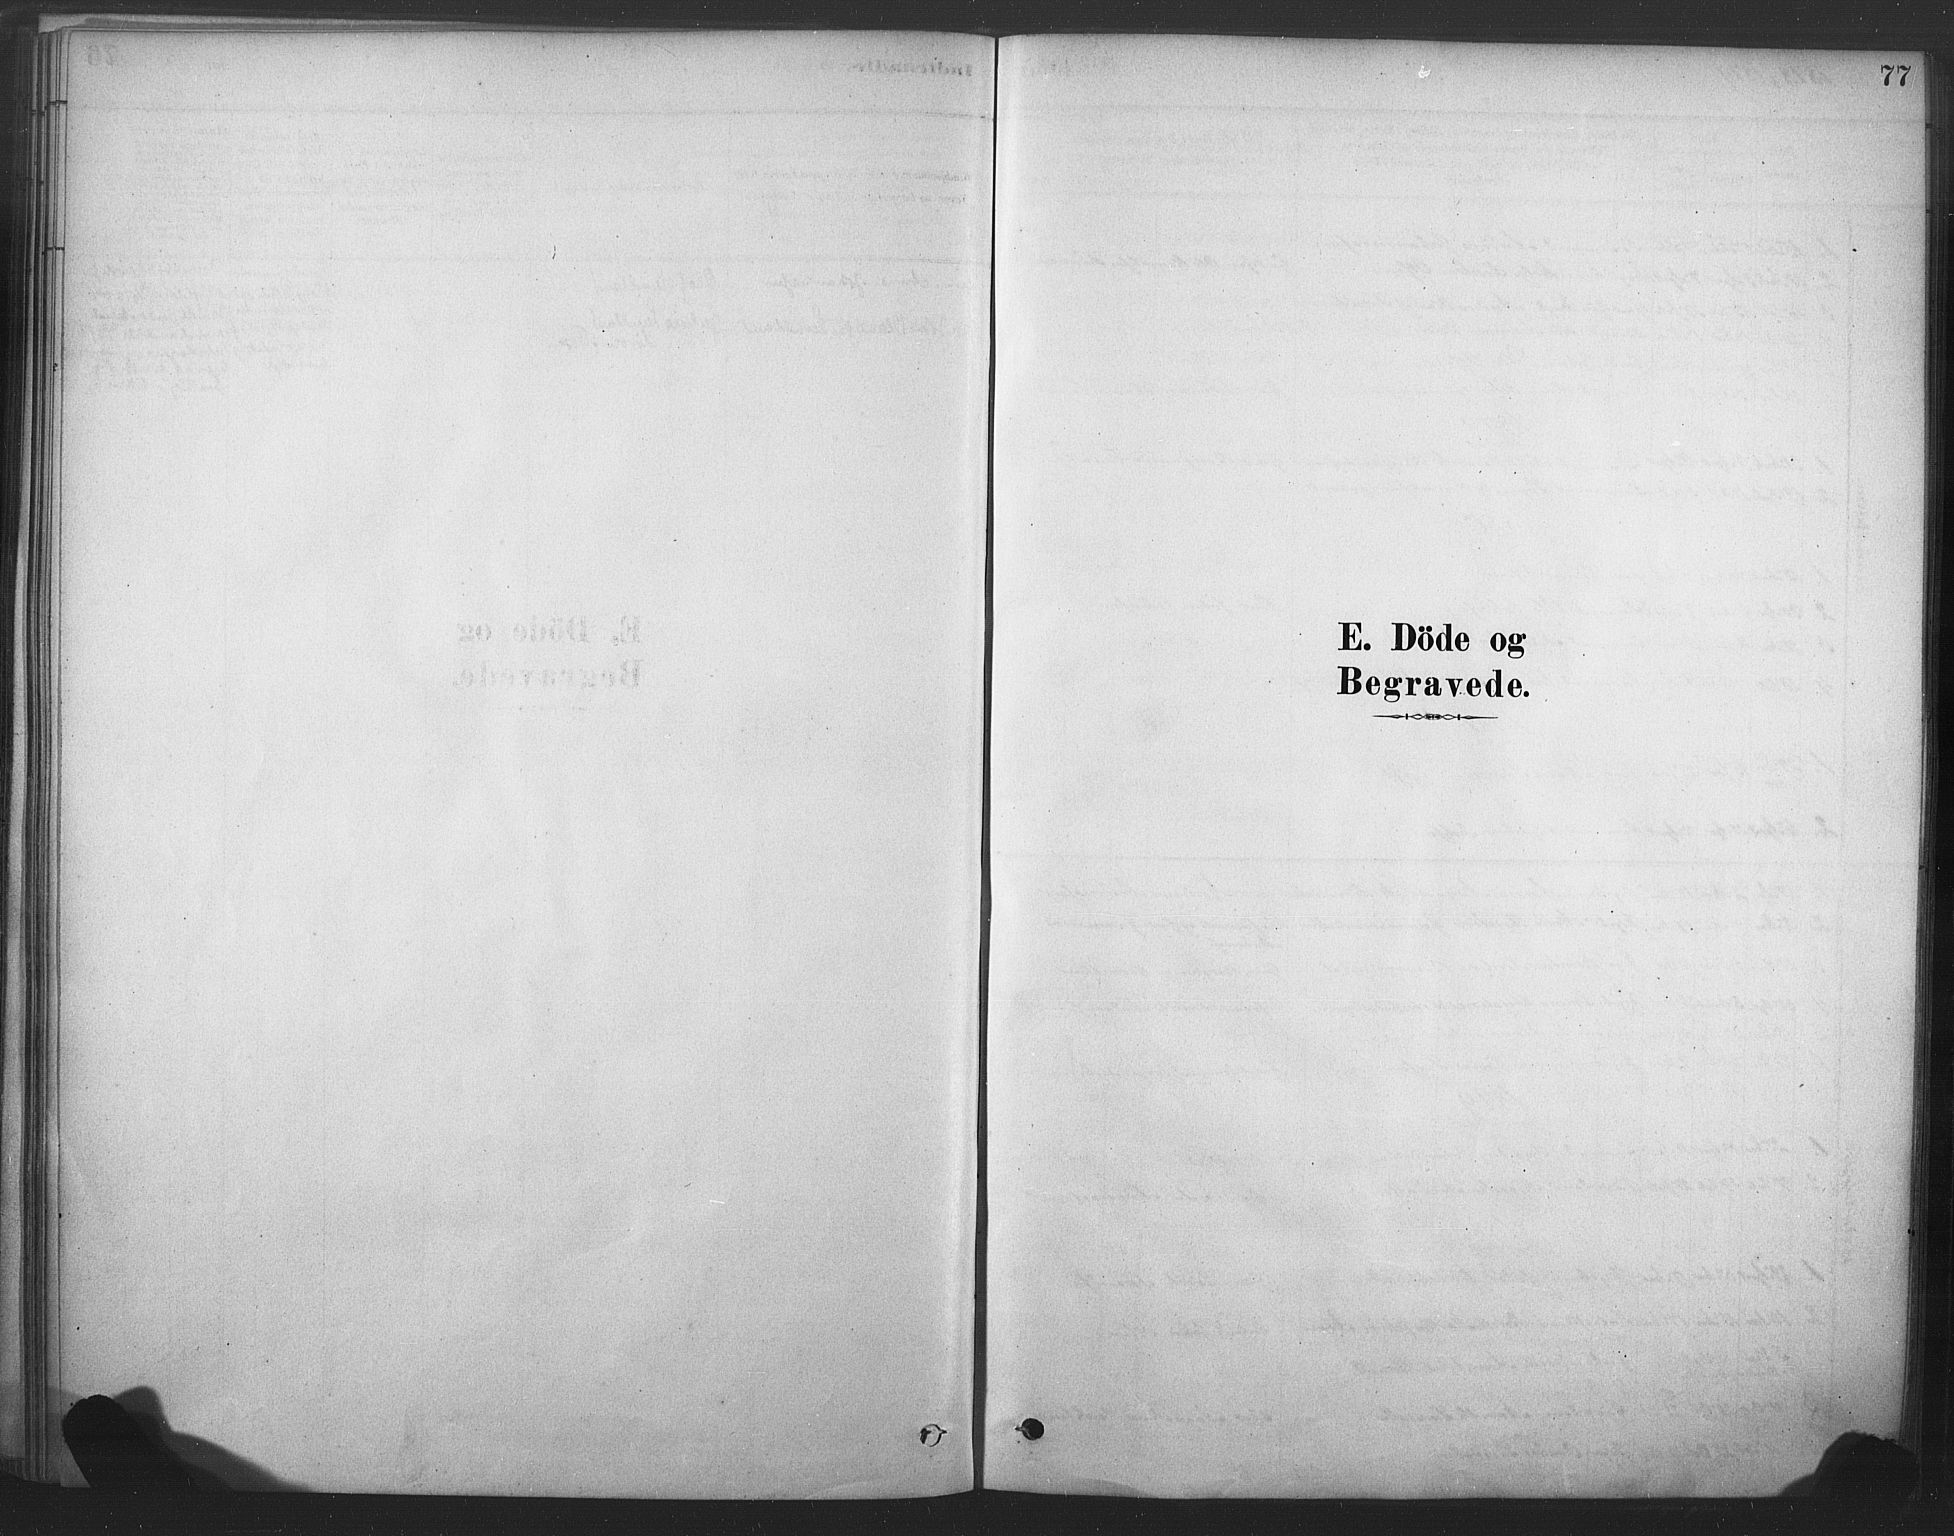 SAT, Ministerialprotokoller, klokkerbøker og fødselsregistre - Nord-Trøndelag, 719/L0178: Ministerialbok nr. 719A01, 1878-1900, s. 77